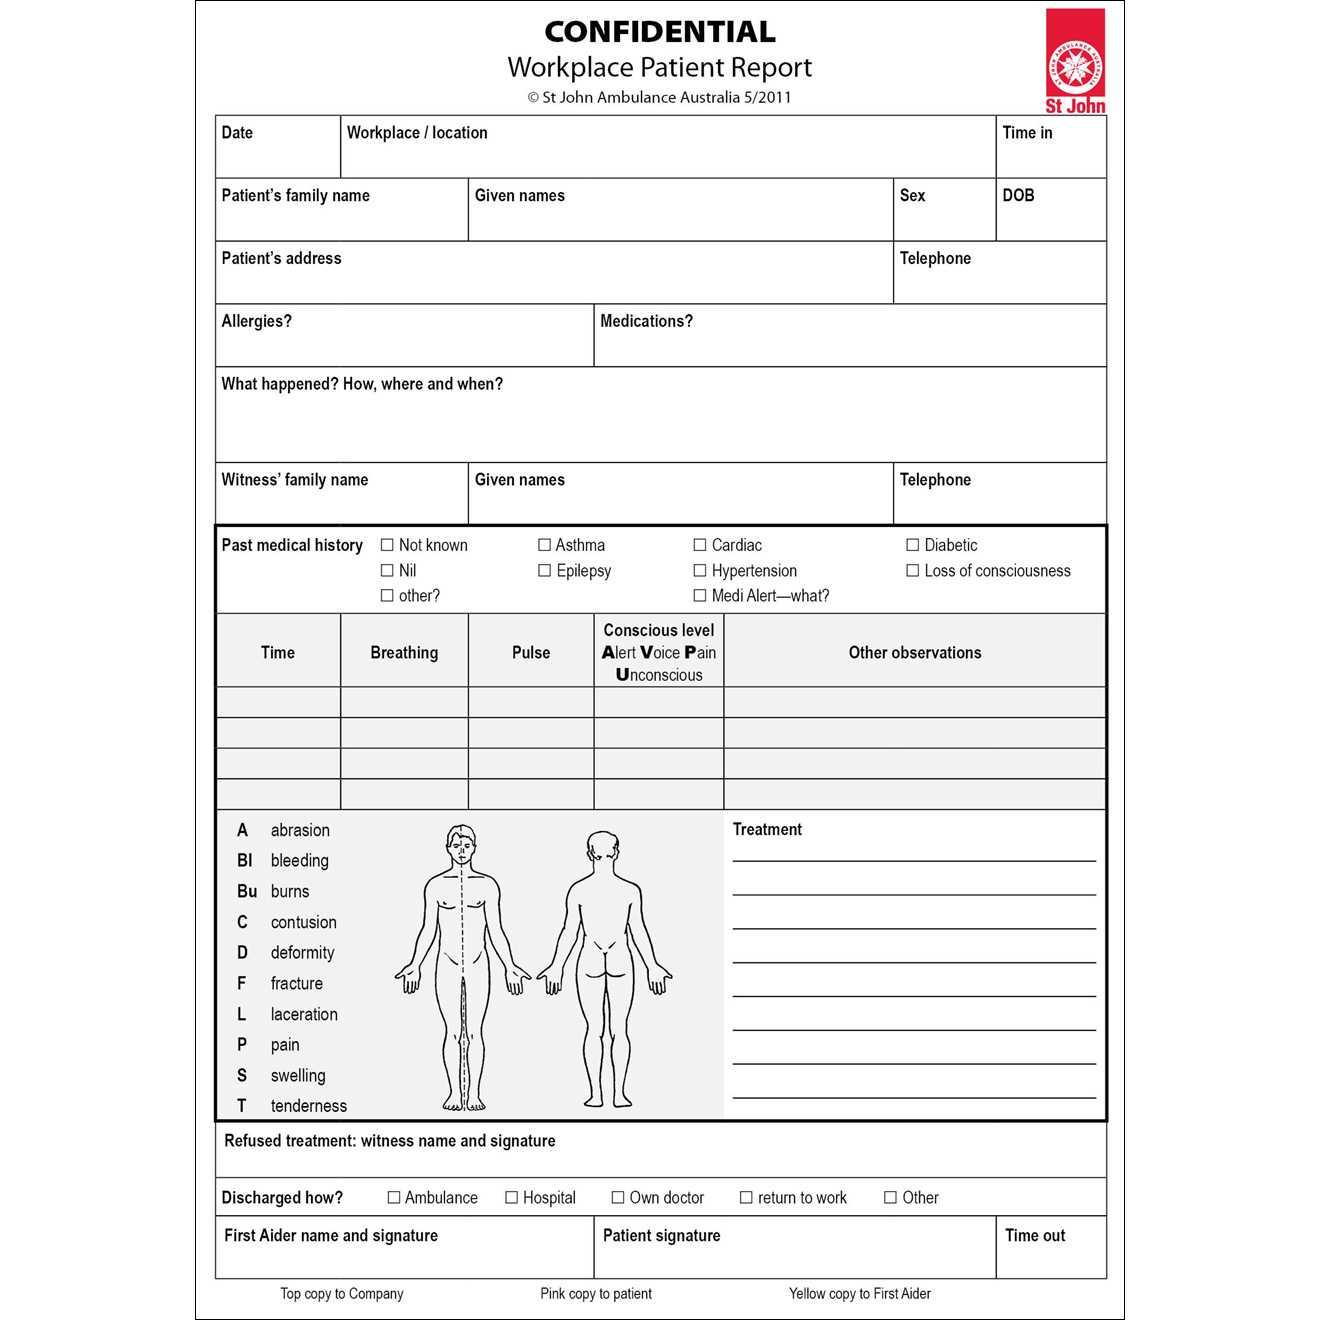 Patient Report Form Template Download - Karan.ald2014 Inside Patient Report Form Template Download